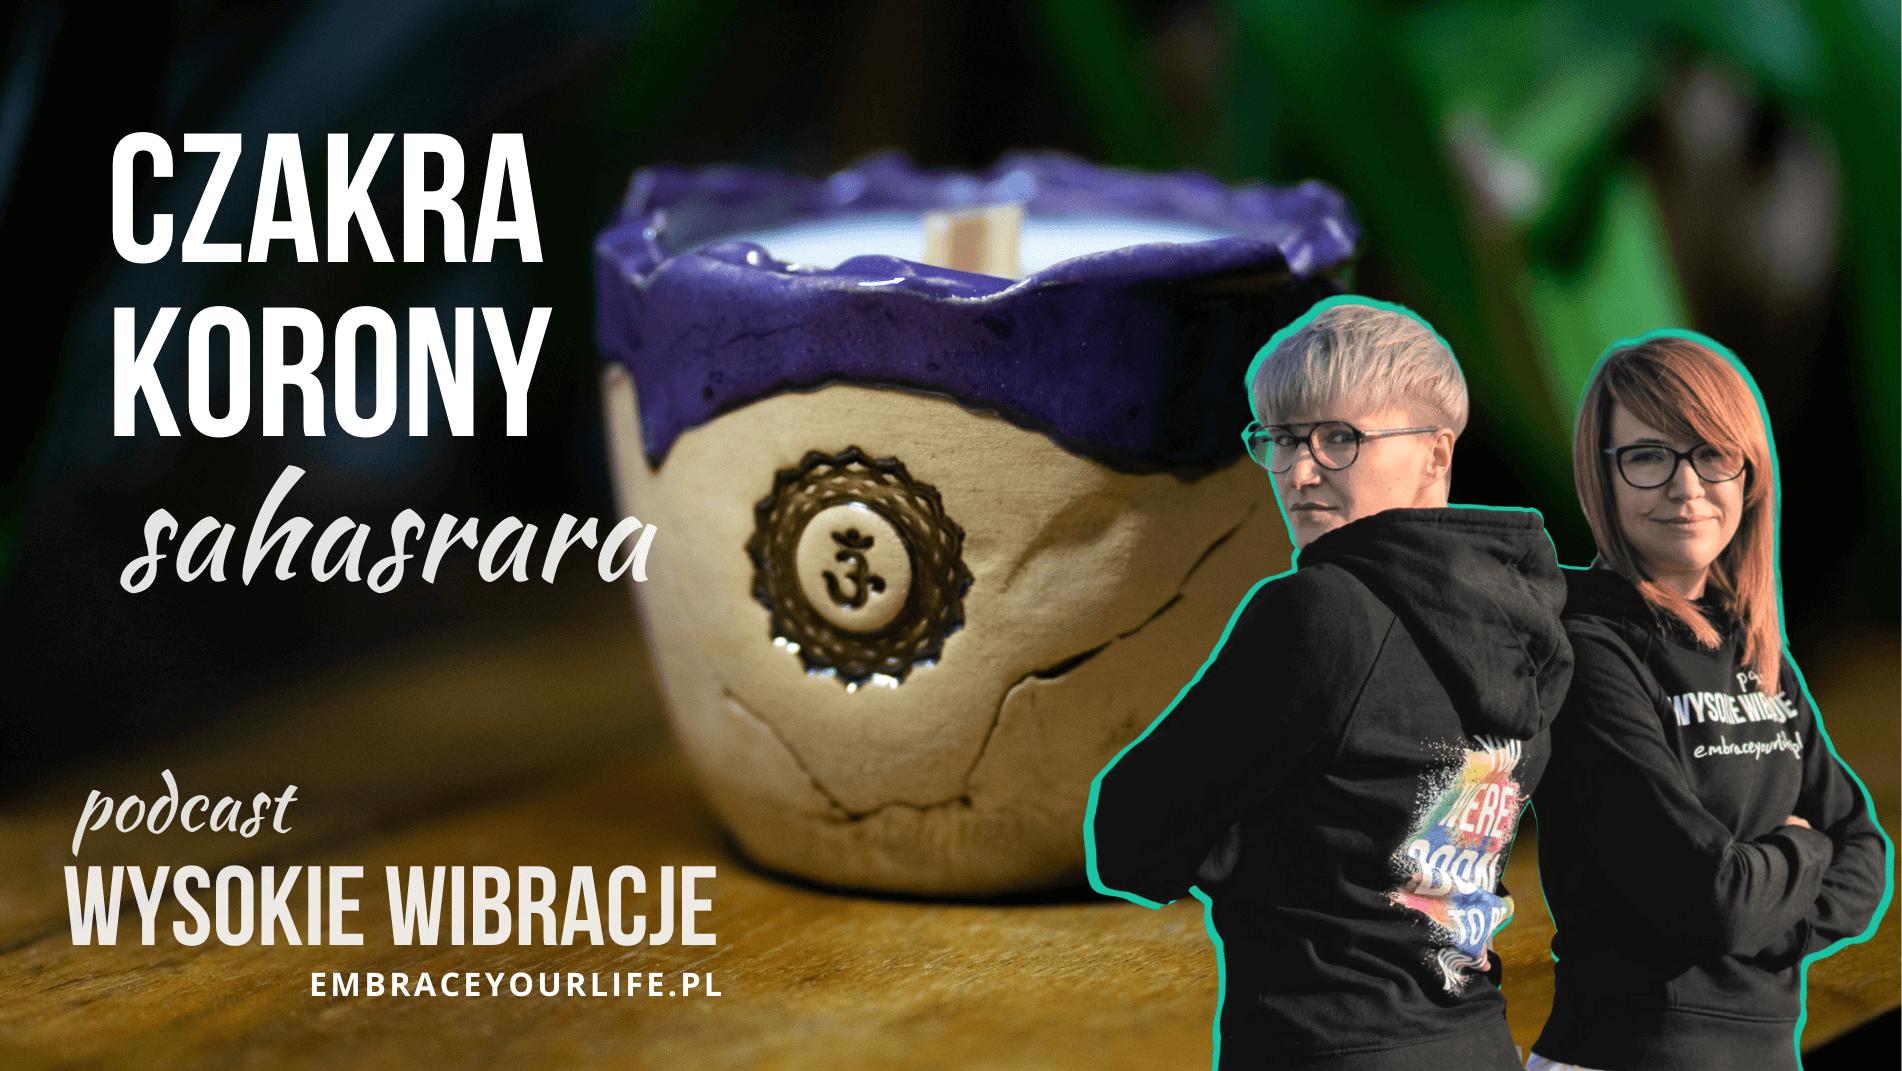 WYSOKIE WIBRACJE #60: CZAKRA KORONY (sahasrara) I jak ją balansować?